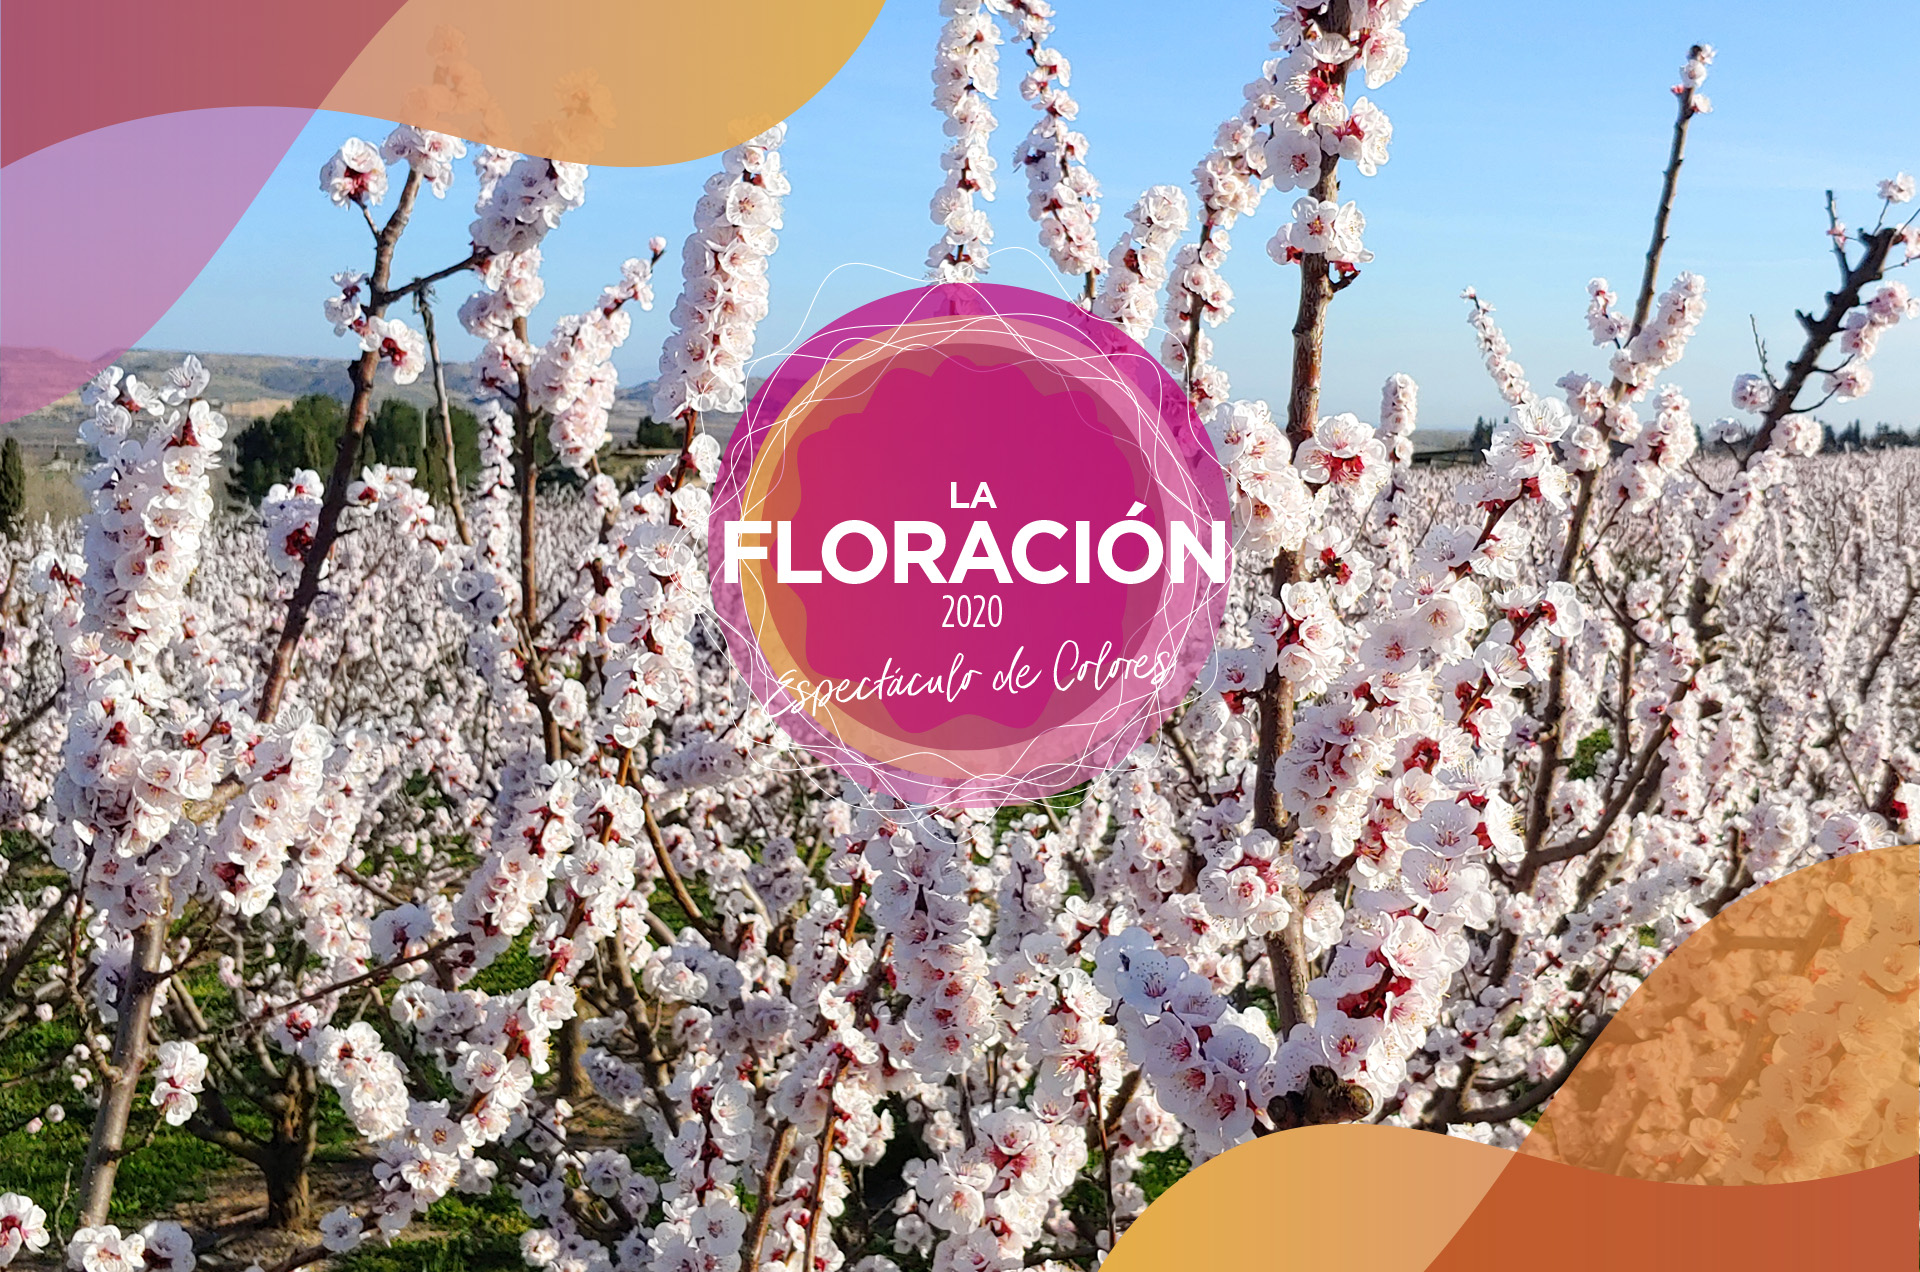 La floració 2020 ESP